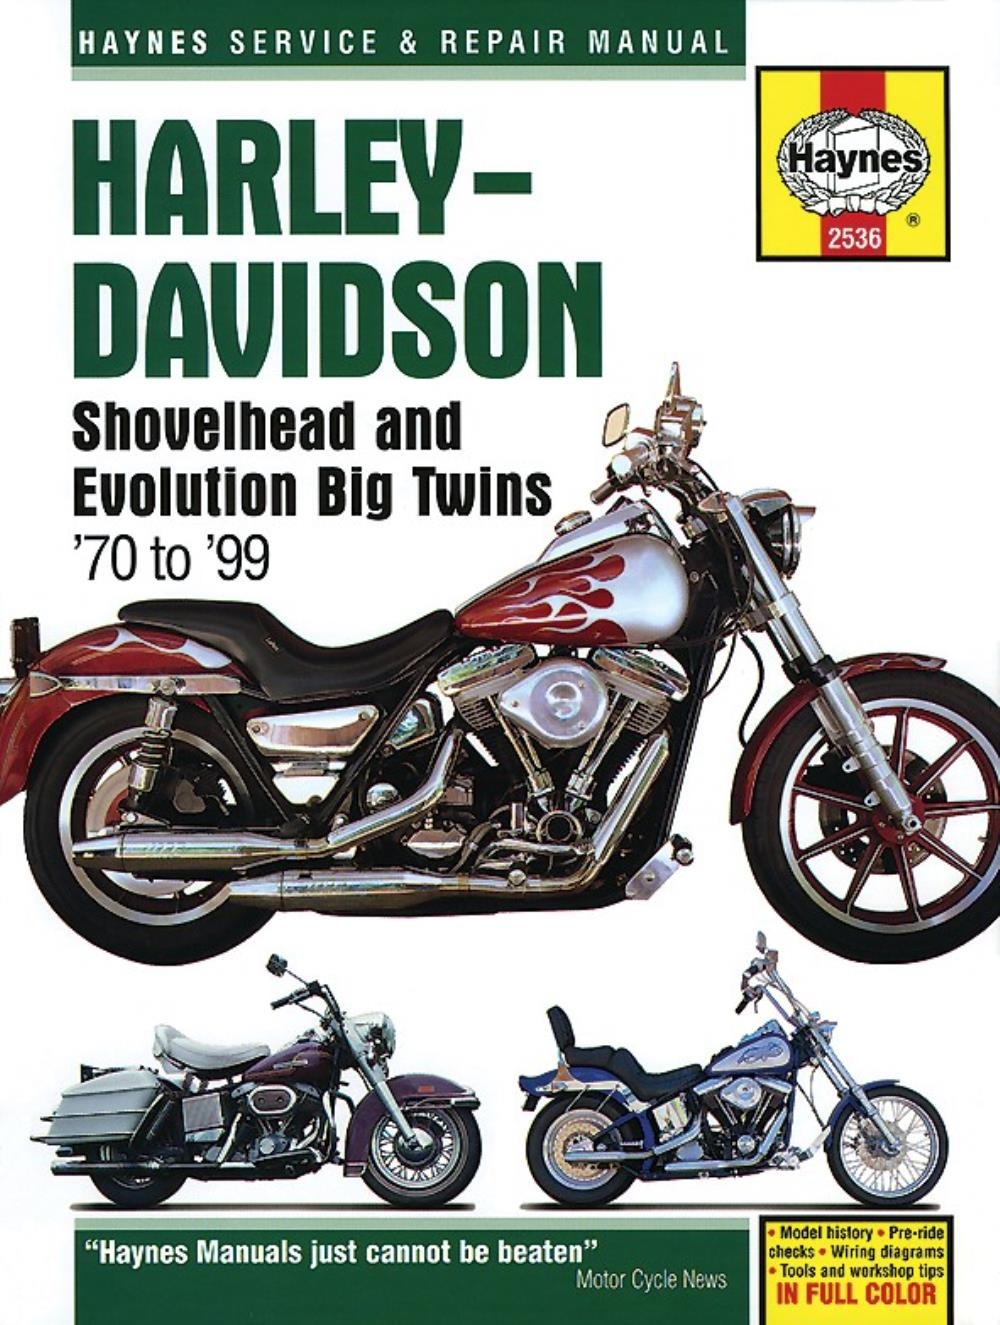 Manual Haynes for 1988 H//Davidson FLTC 1340 Tour Glide Classic